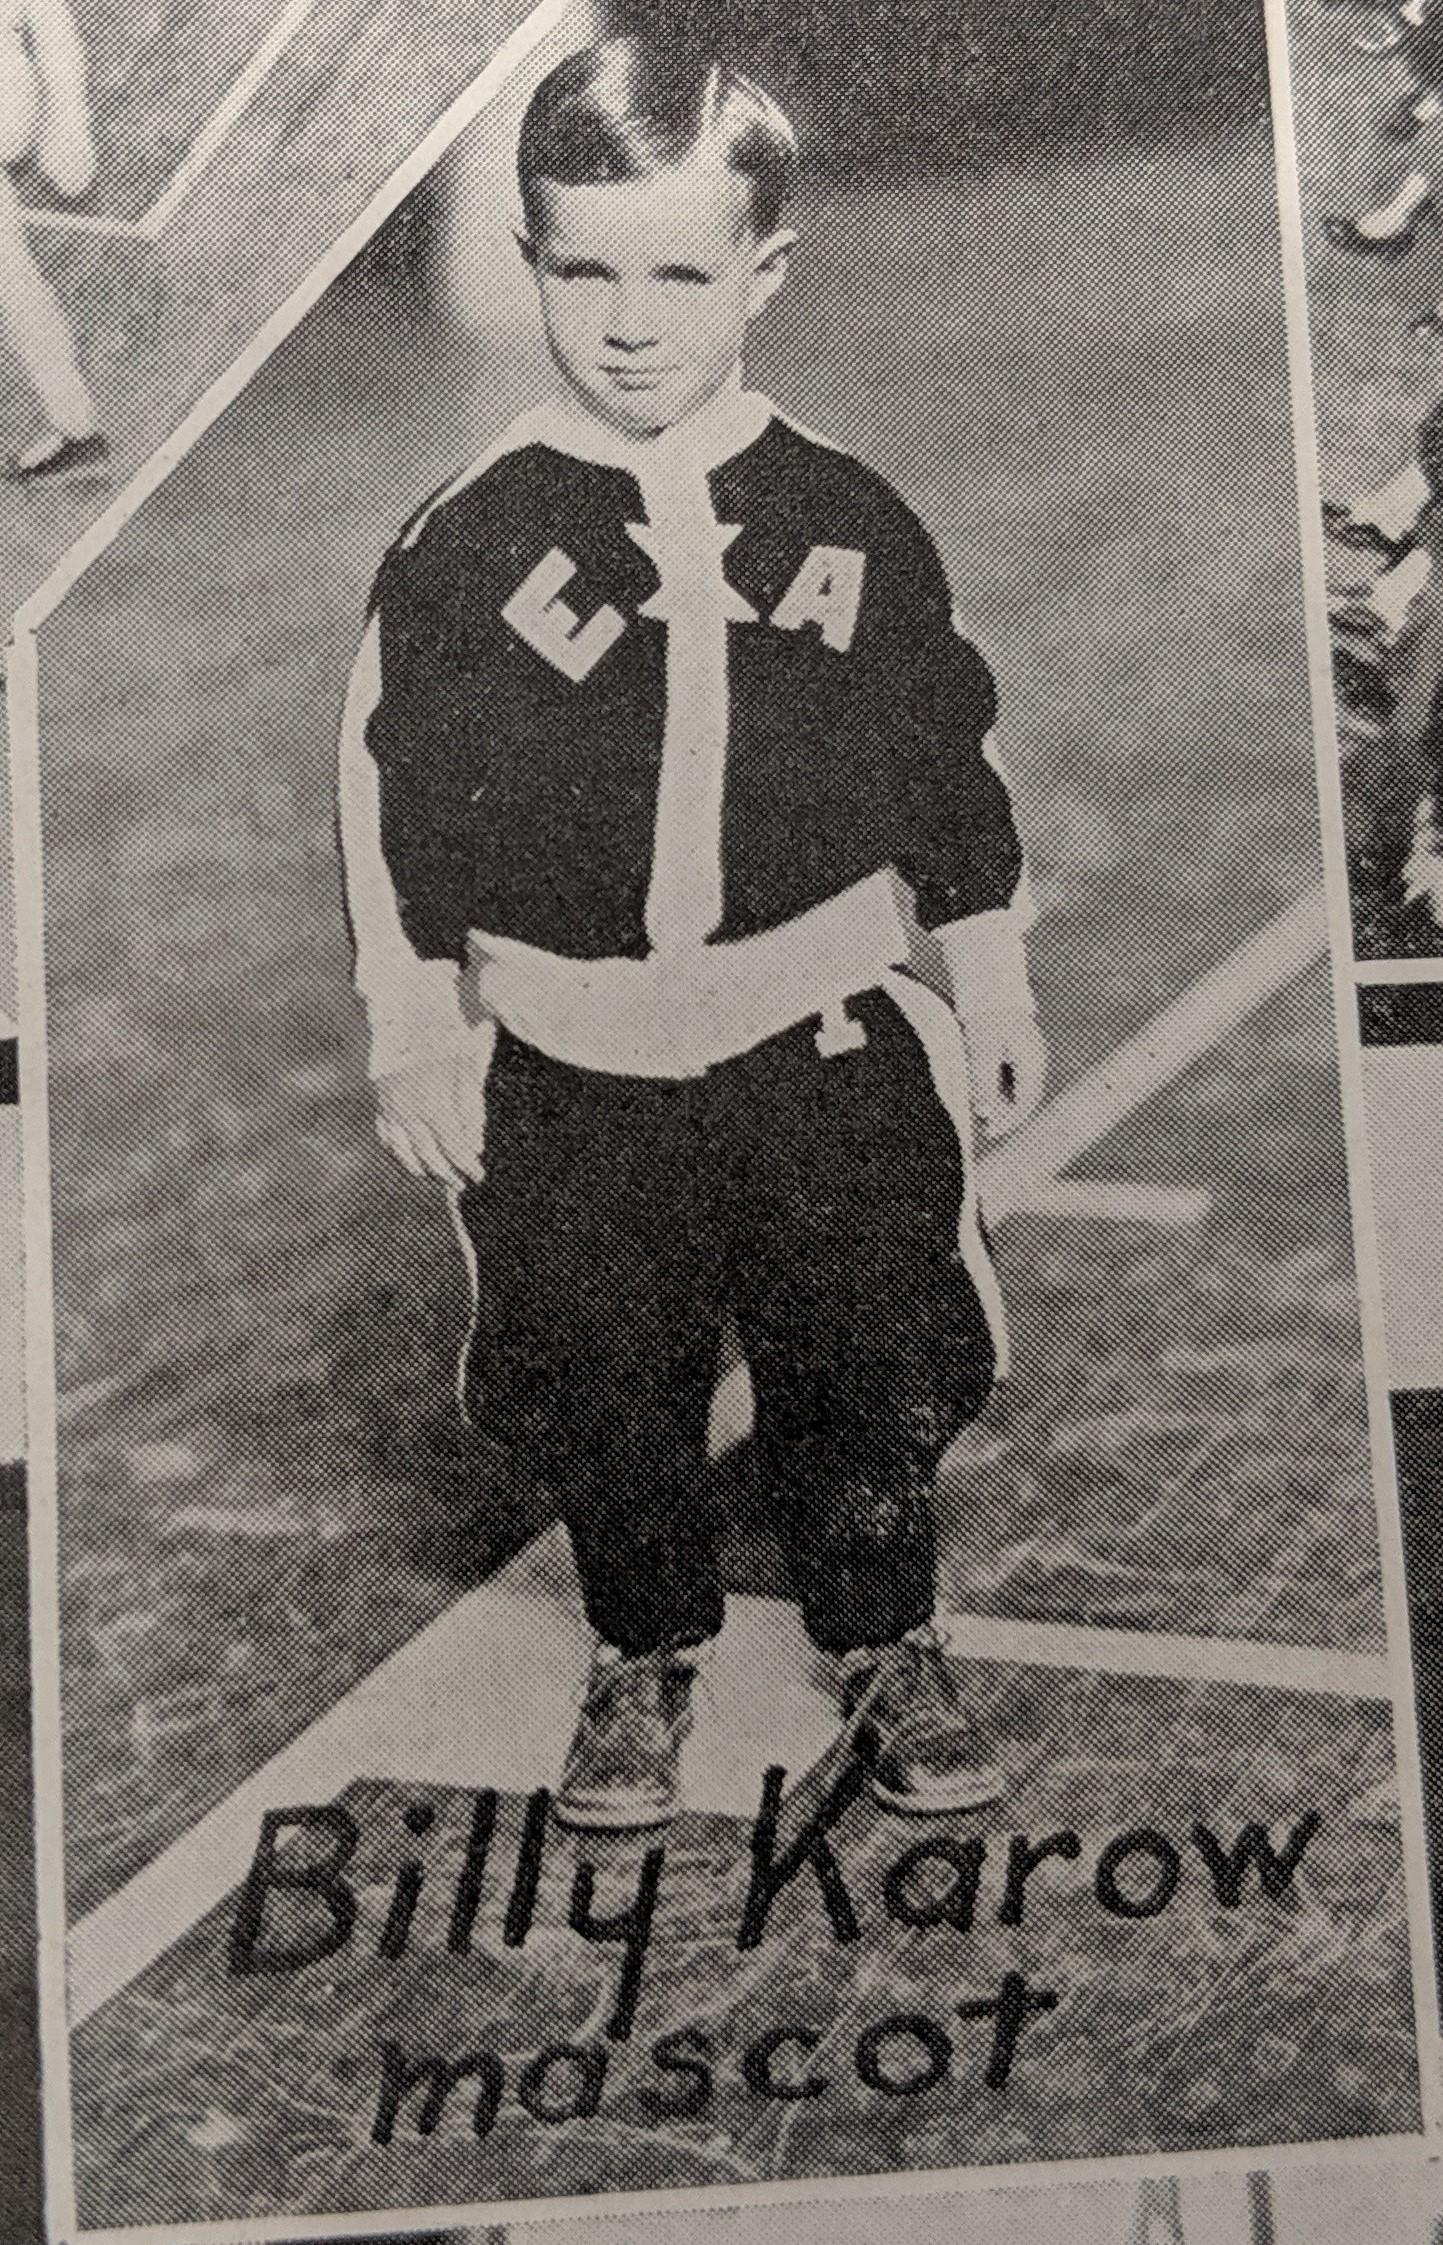 Billy Karow  1934